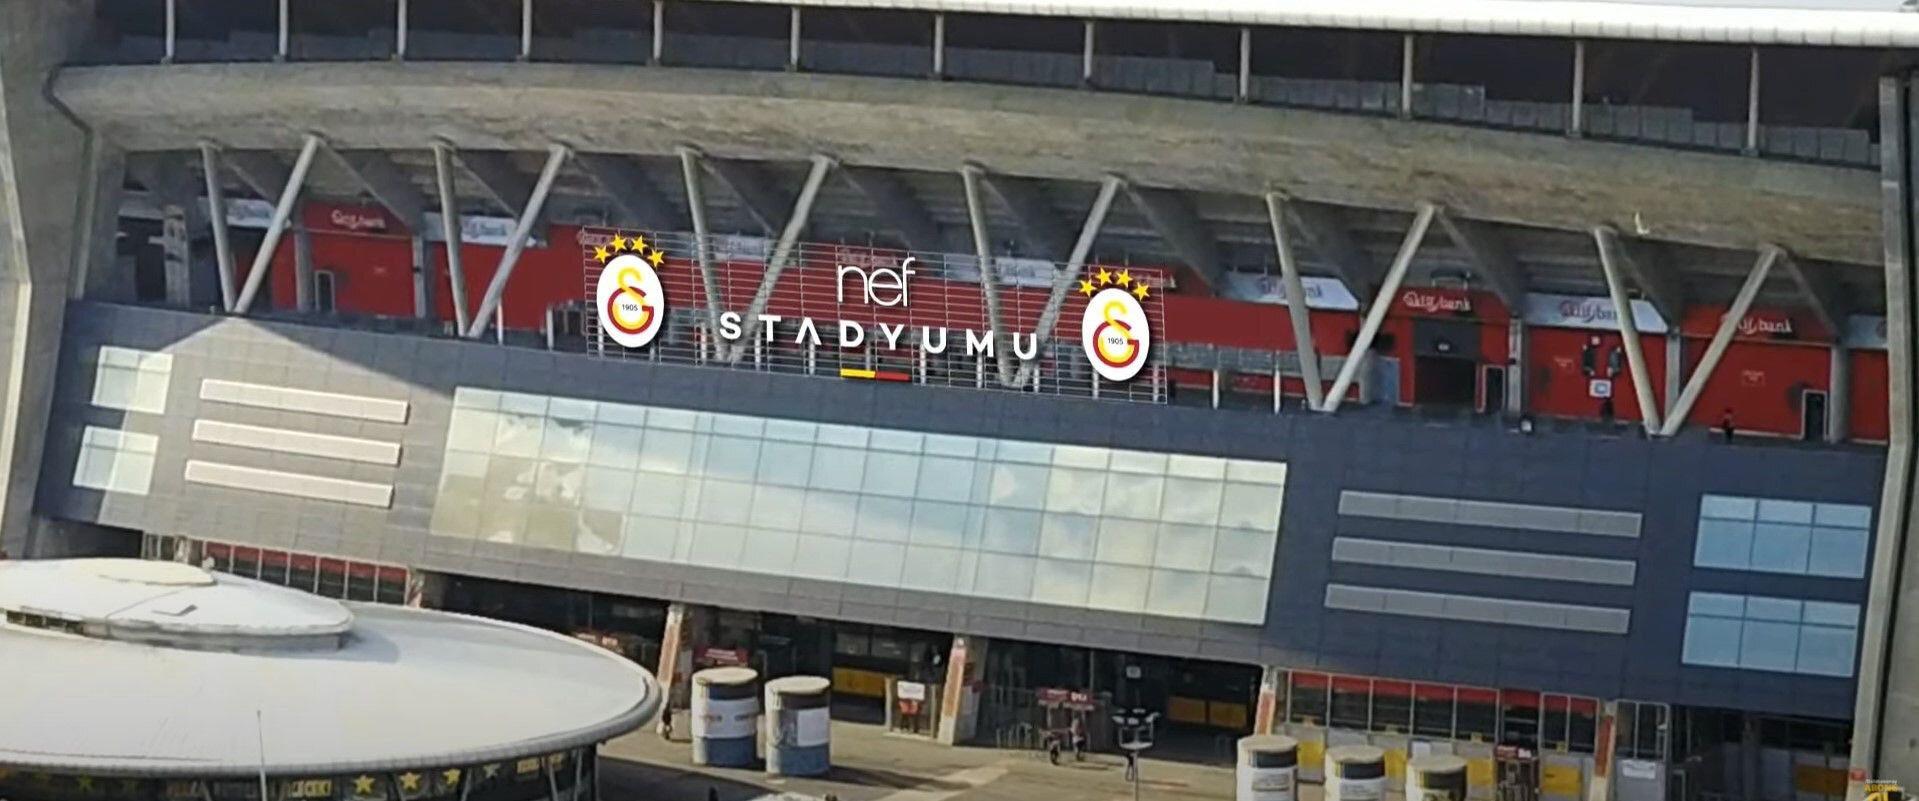 Galatasaray'ın stadının yeni ismi